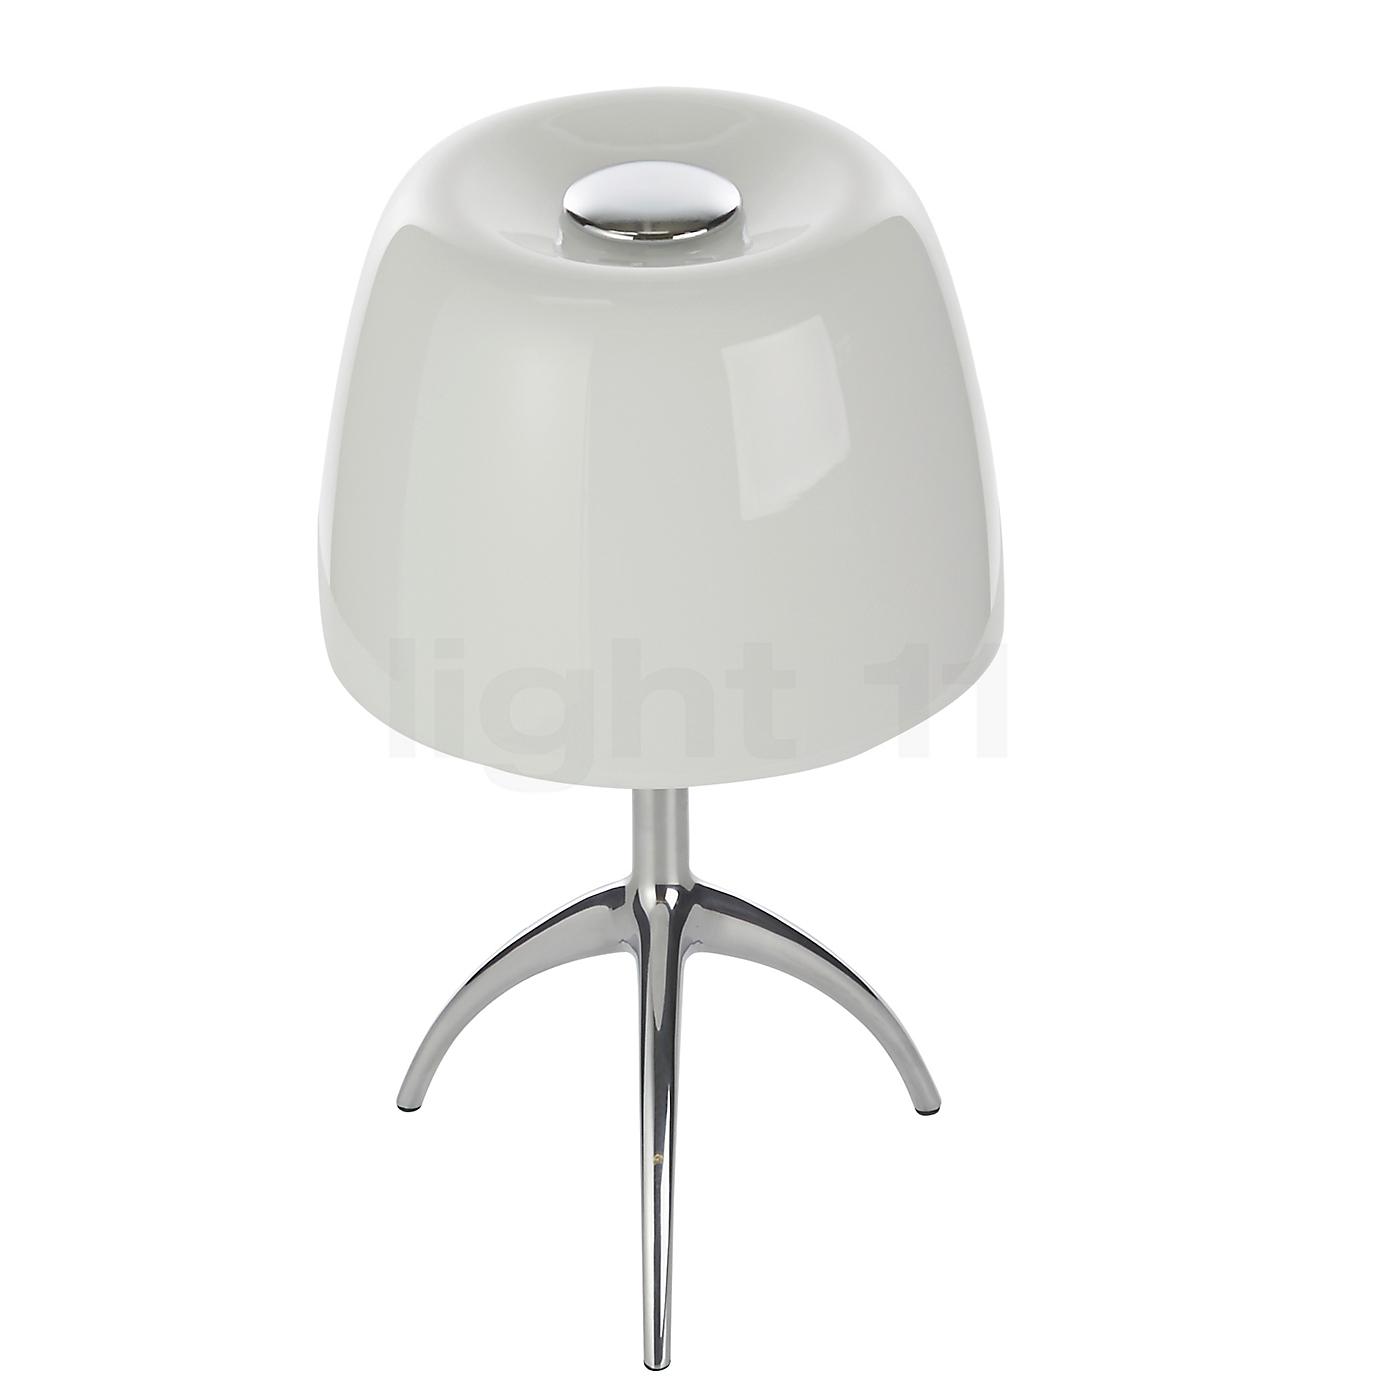 foscarini lumiere tavolo piccola g9 mit dimmer. Black Bedroom Furniture Sets. Home Design Ideas